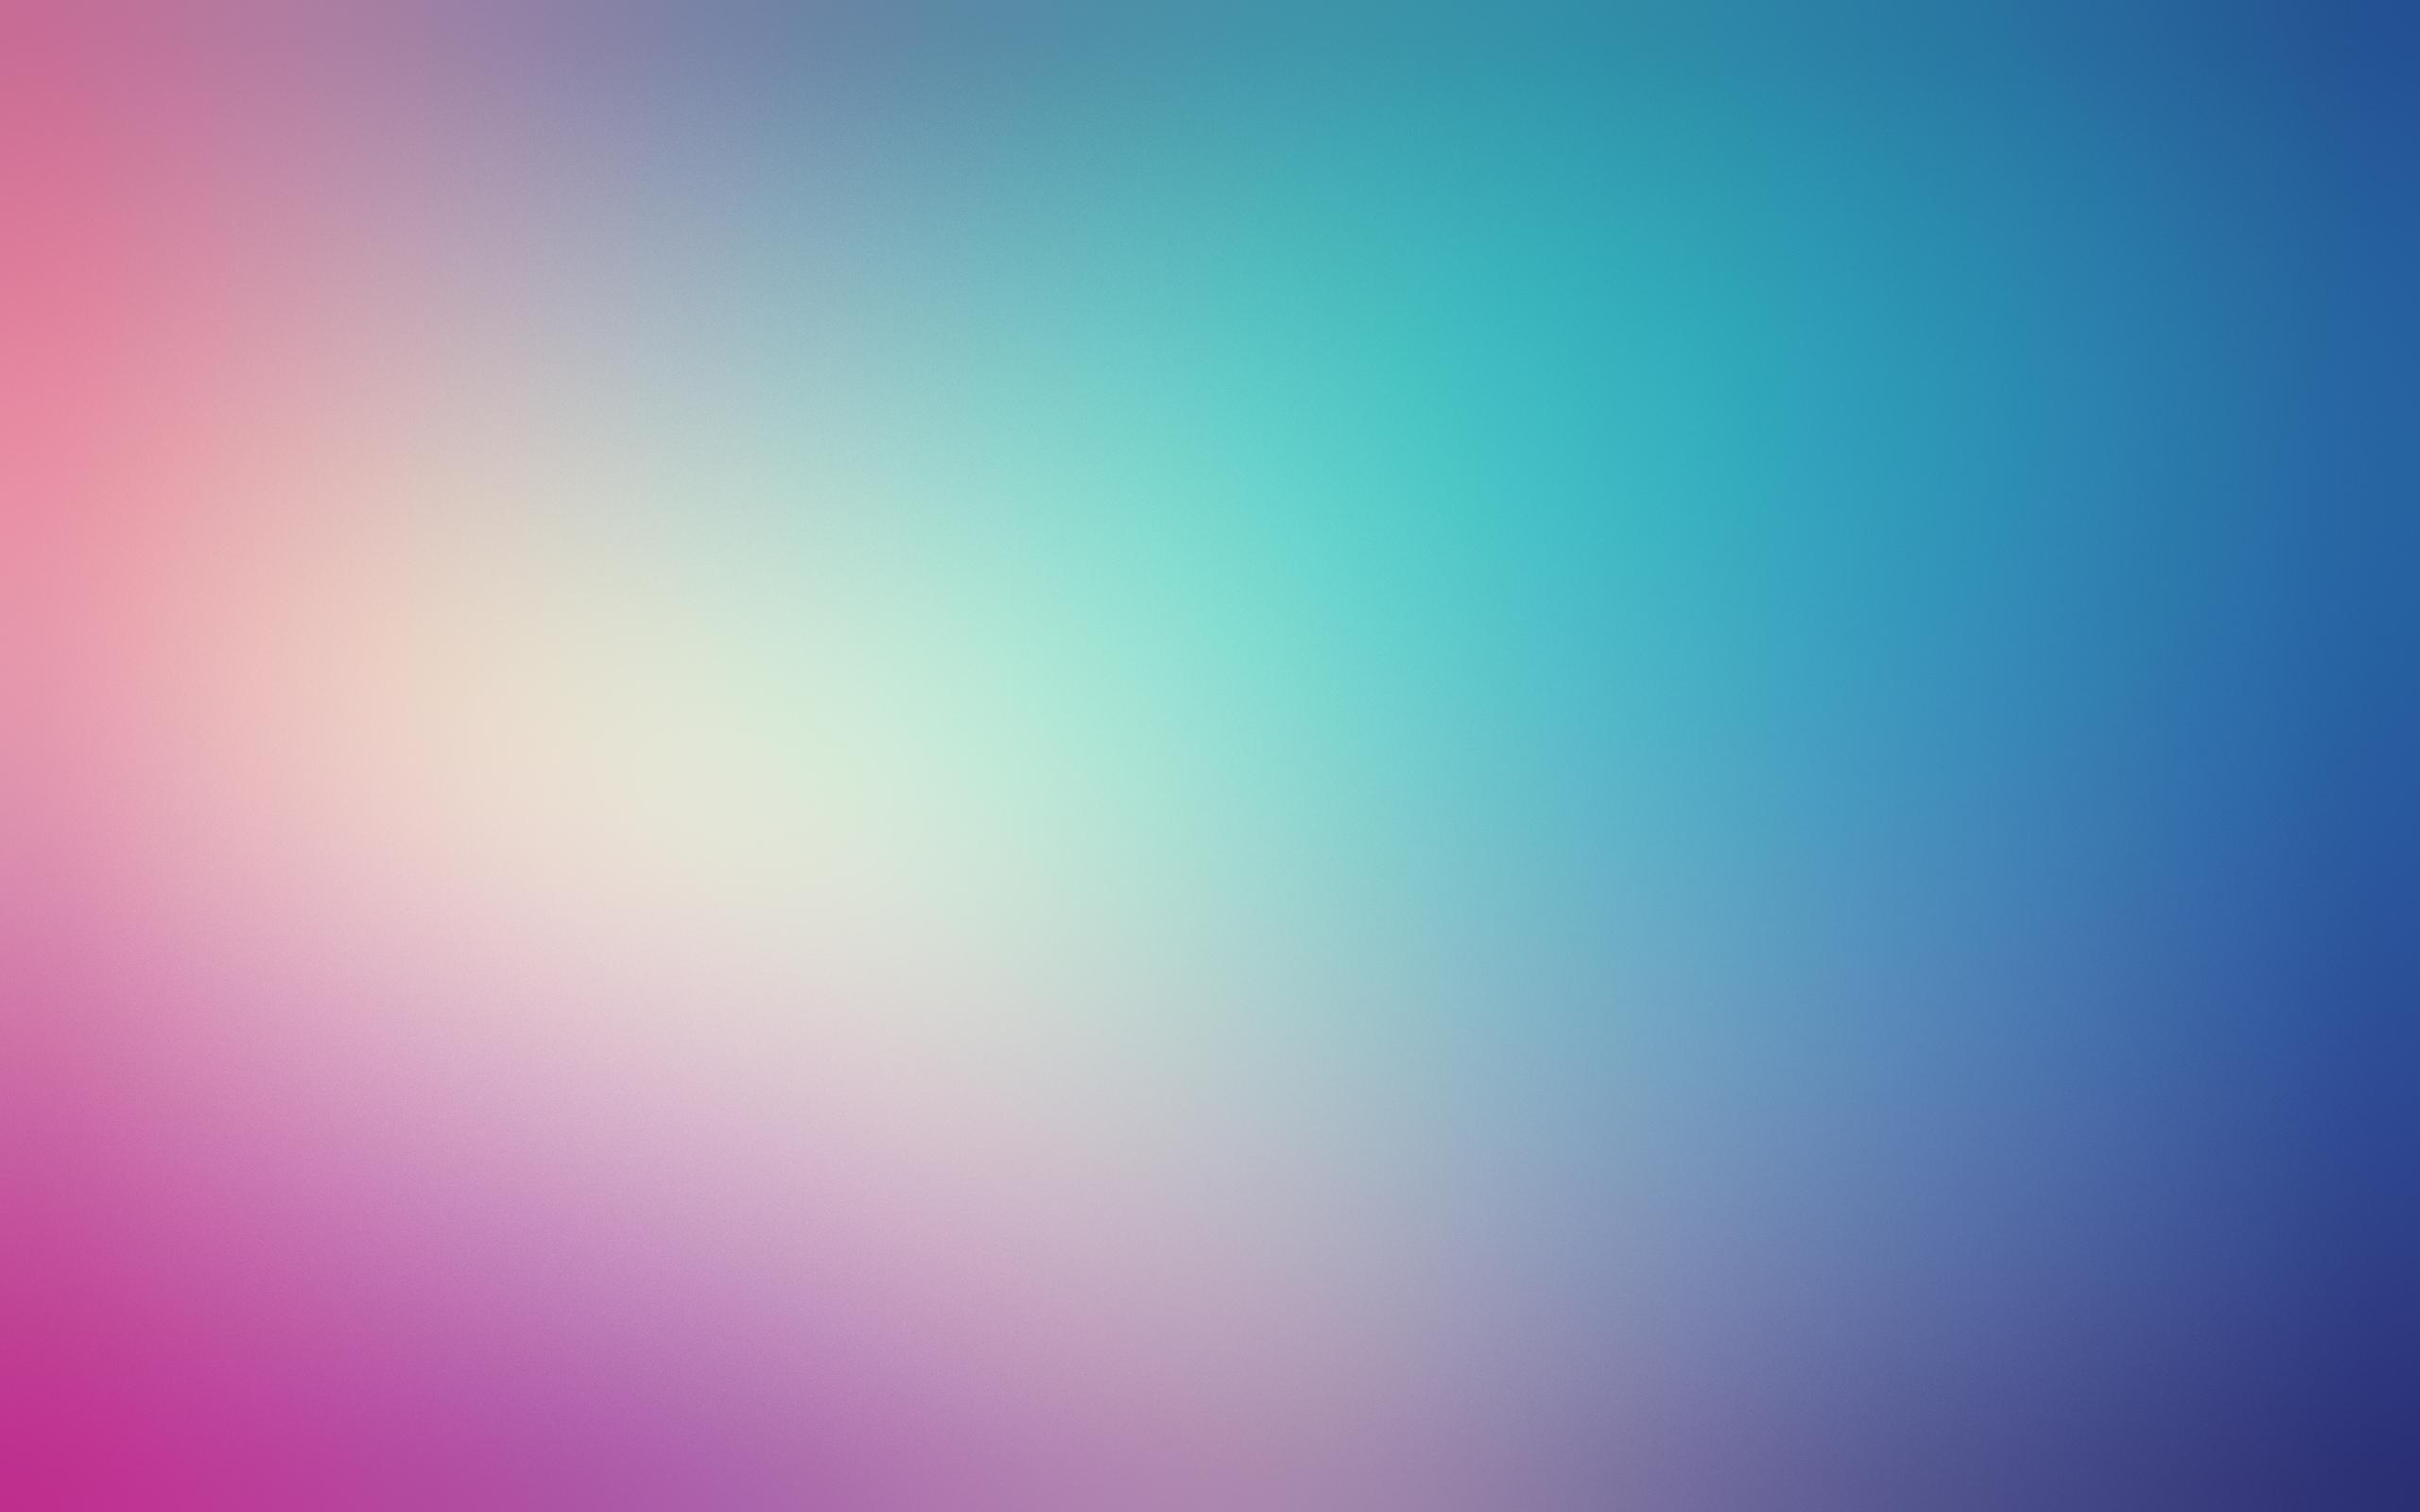 Color full hd fondo de pantalla and fondo de escritorio for Fondos de pantalla full hd colores